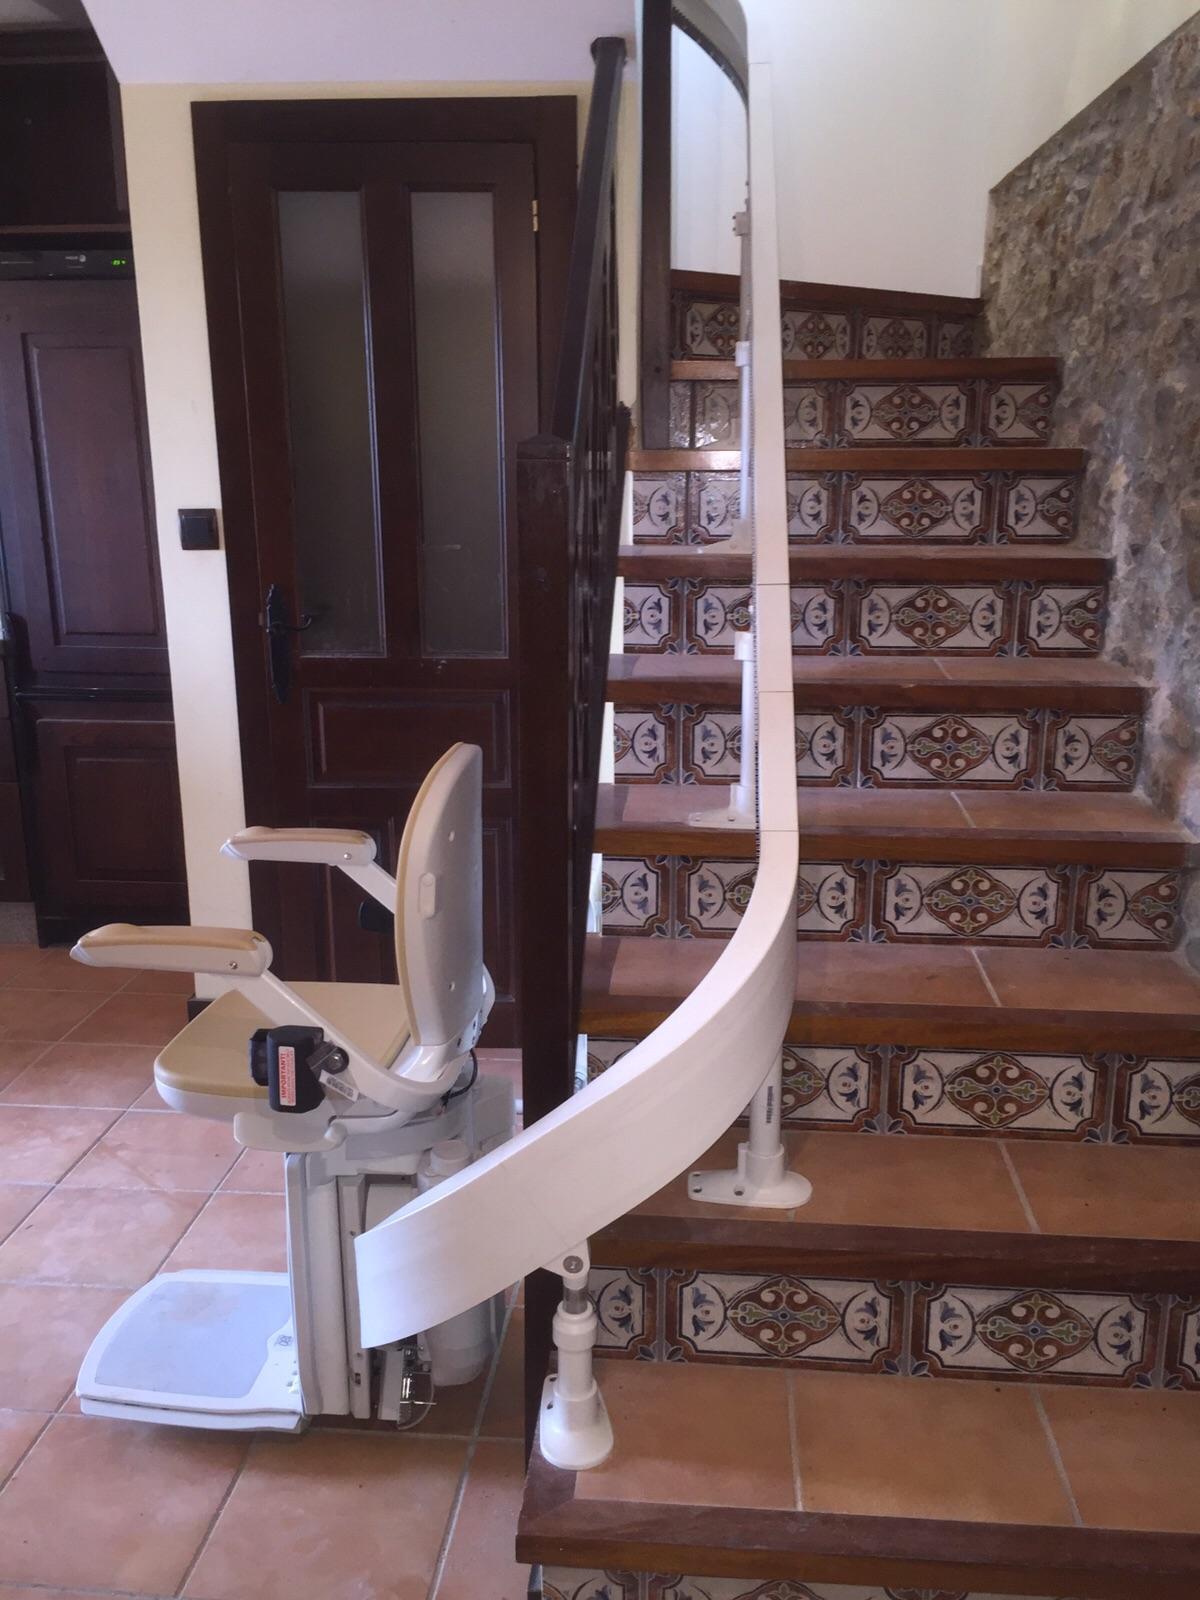 Salvaescaleras lleida sillas salvaescaleras for Silla salvaescaleras